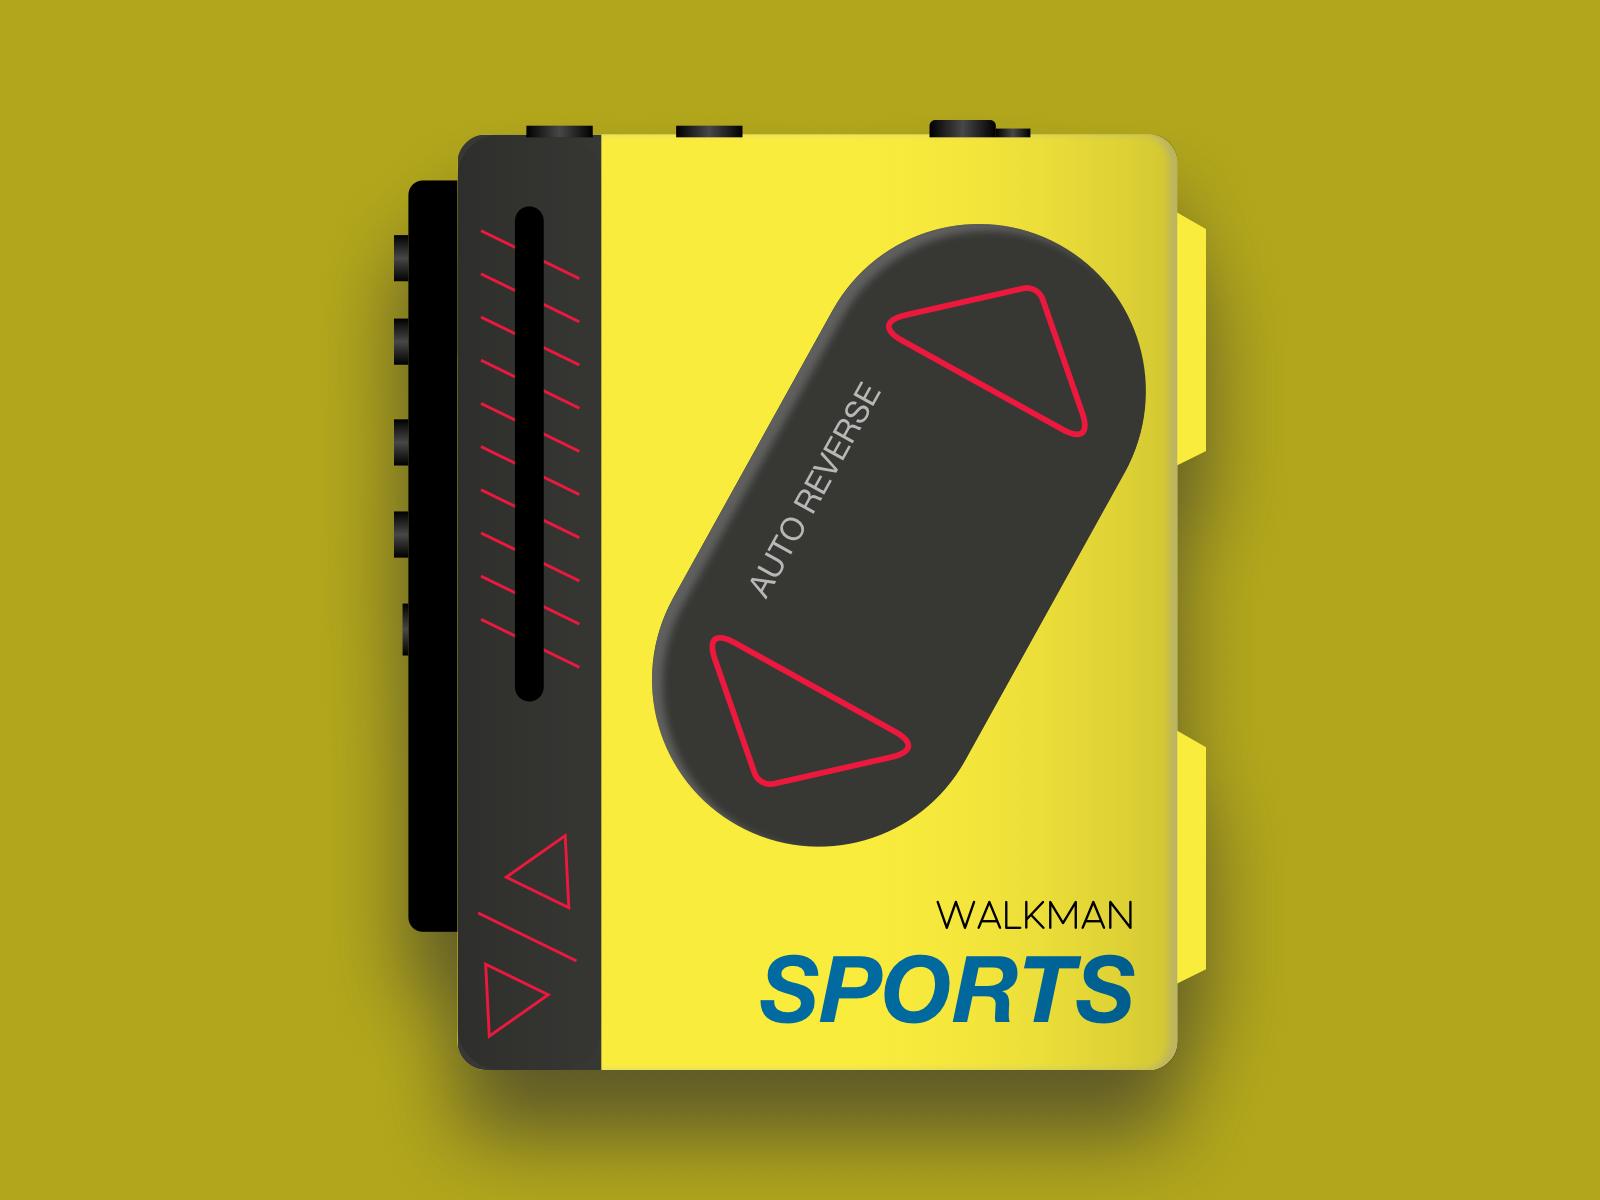 Song Walkman Sport